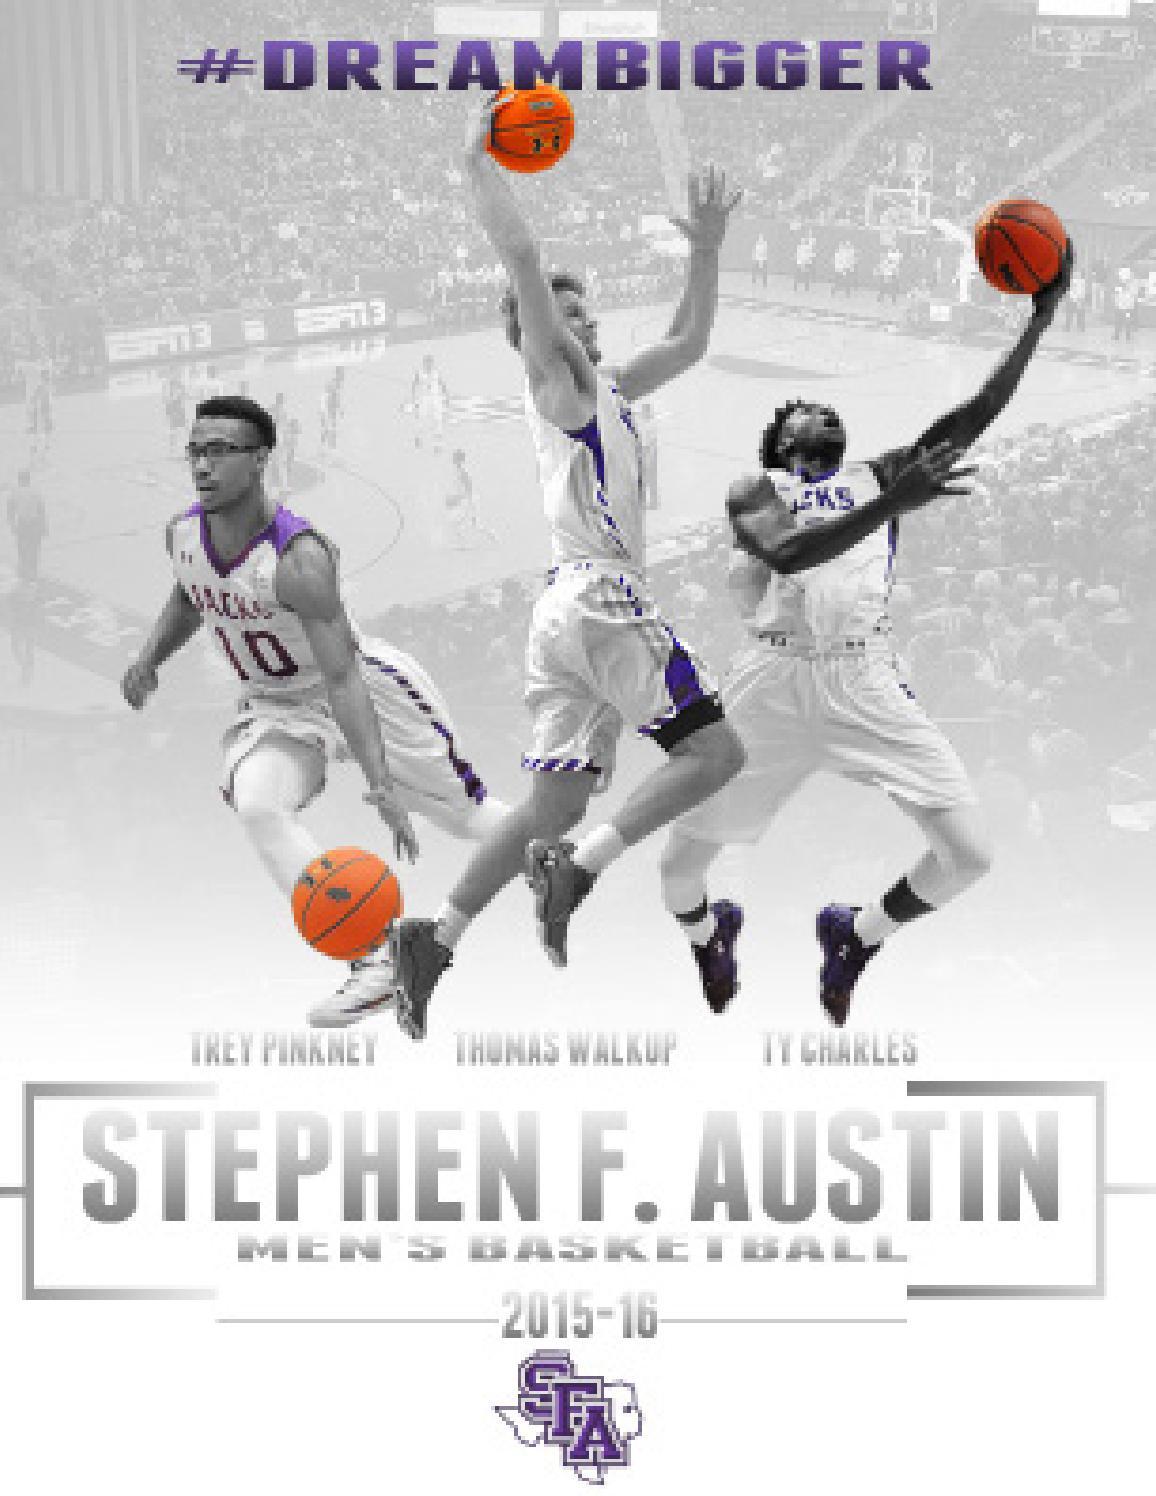 2a1f423a0 2015-16 SFA Men s Basketball Media Guide by SFA Athletics - issuu